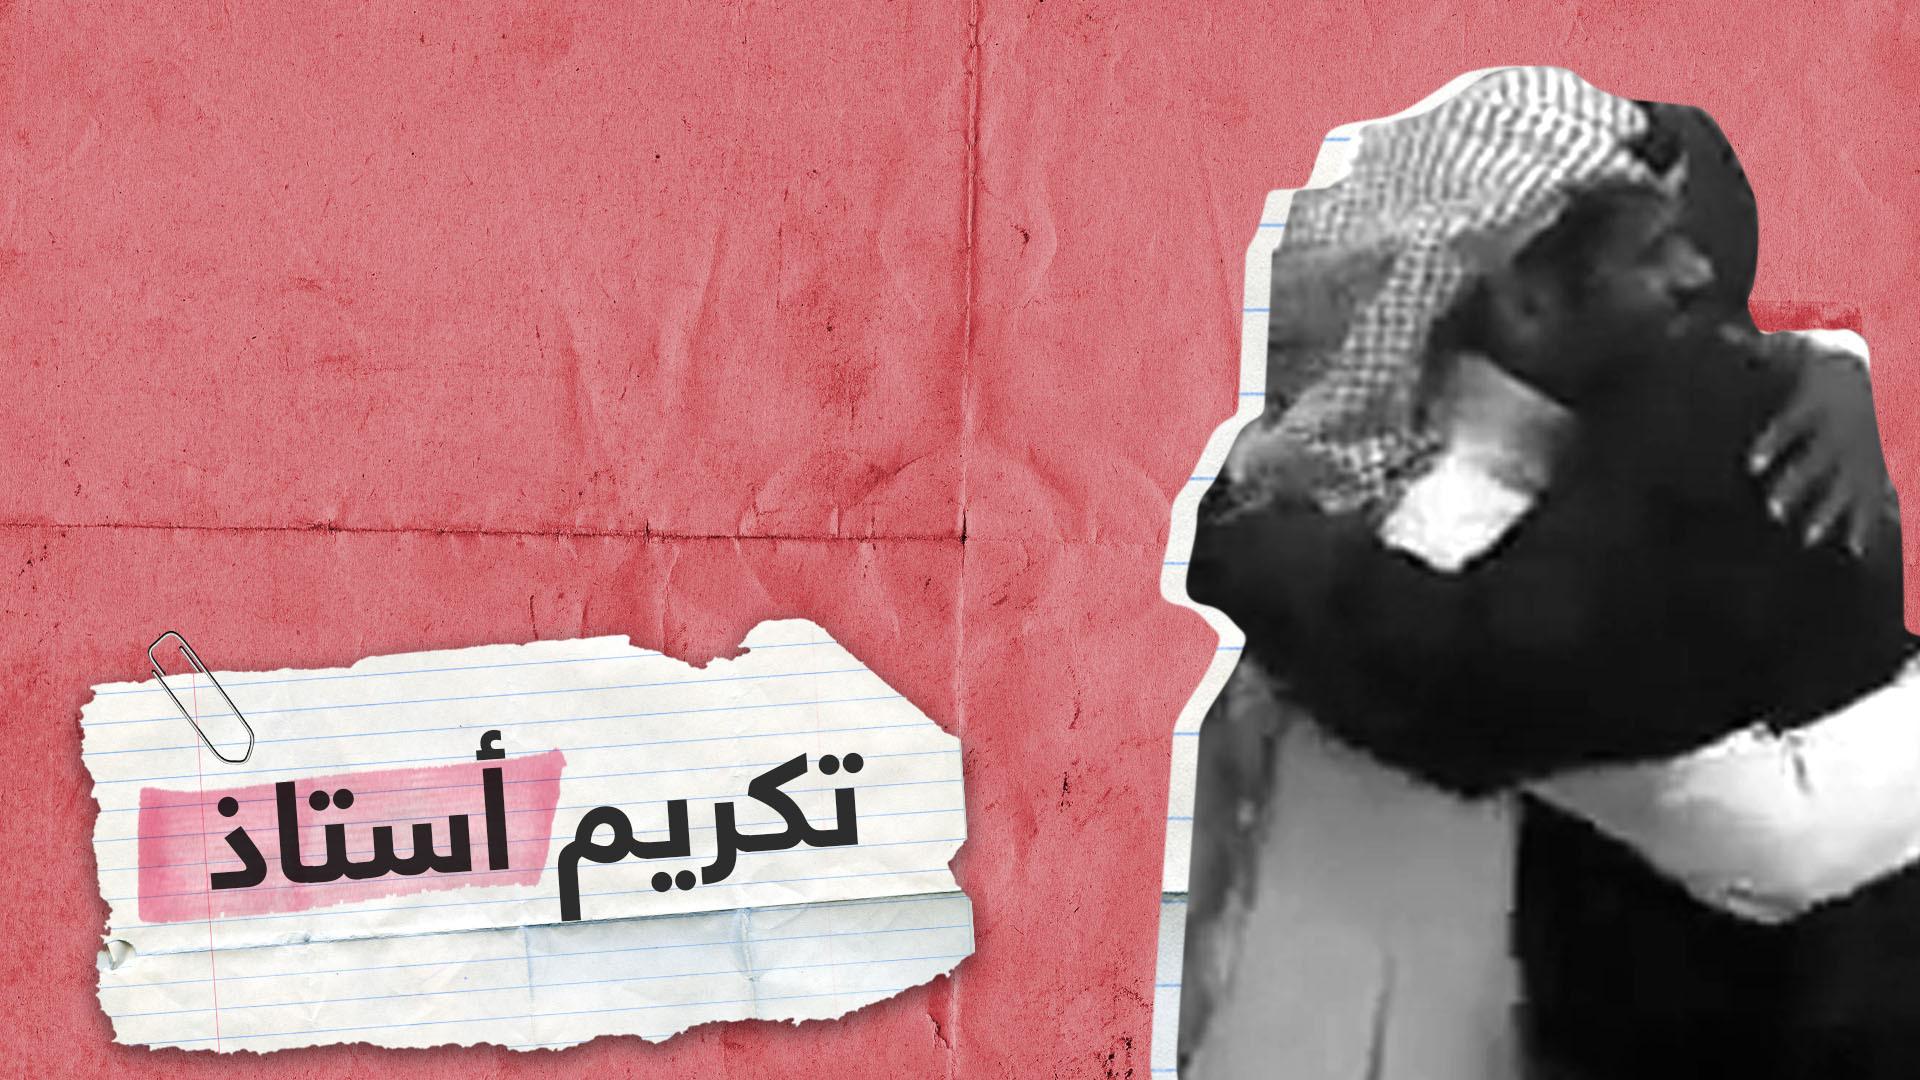 طلاب سعوديون يردون الجميل لأستاذهم المصري بعد 30 عاما